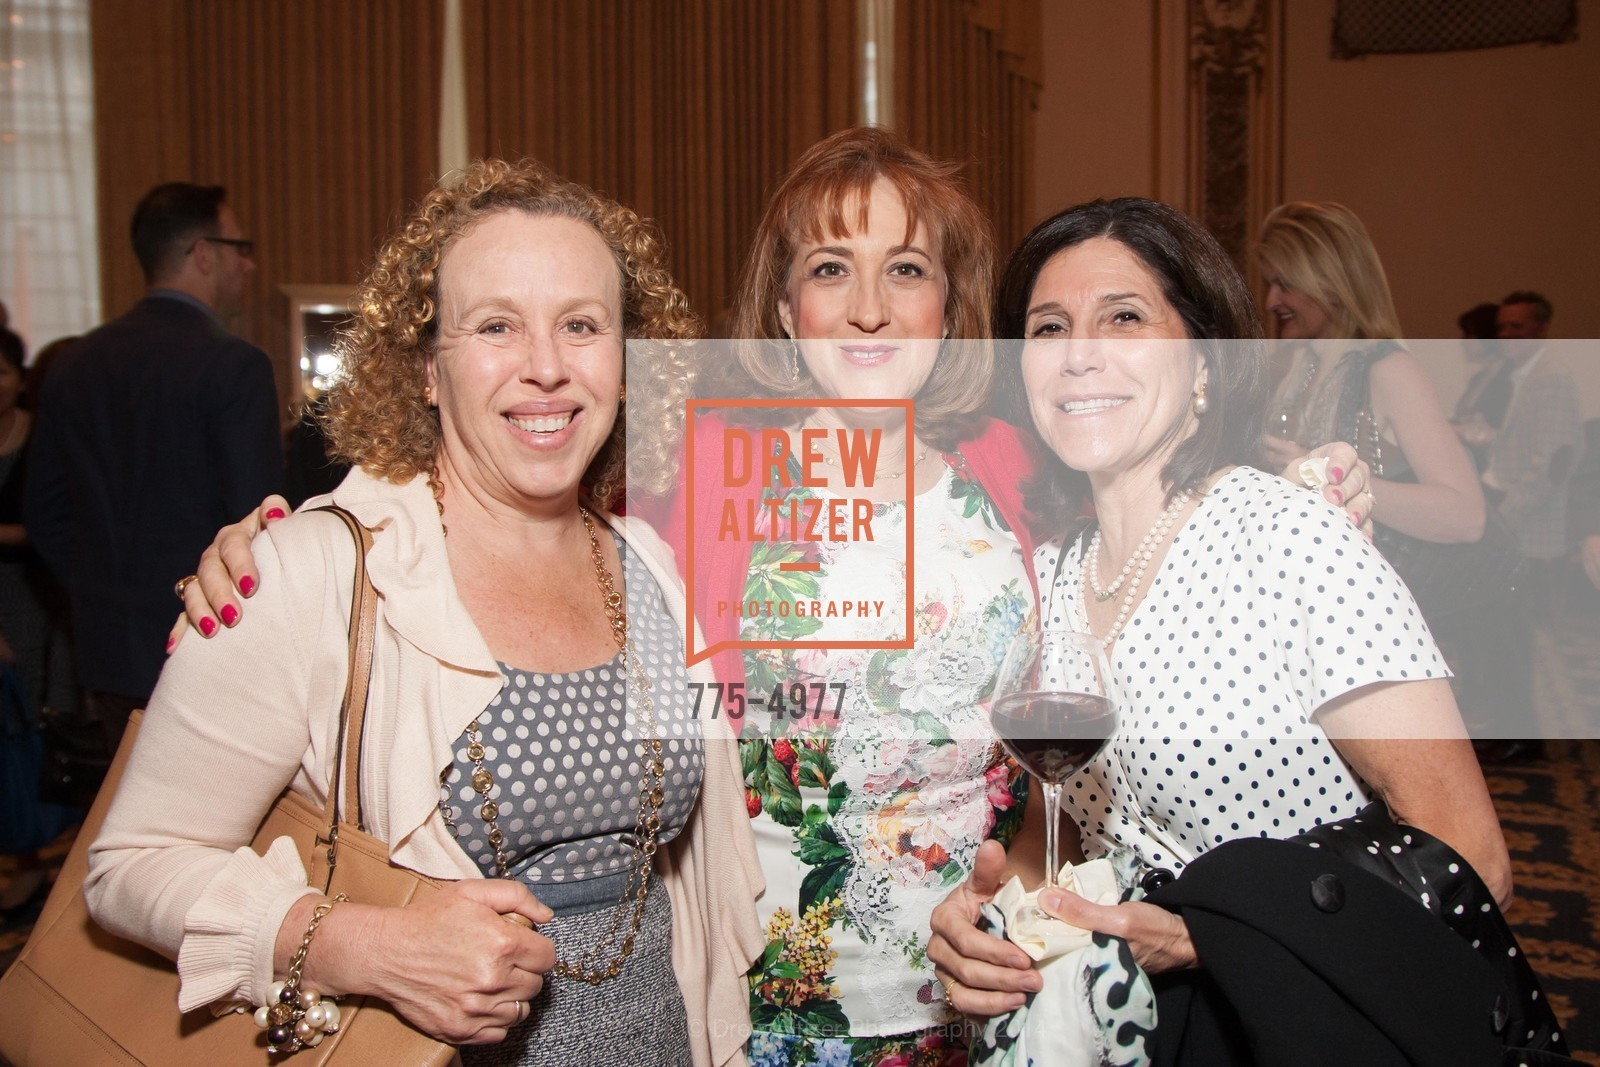 Ann Wolf, Karen Catou, Ann Tanner, Photo #775-4977